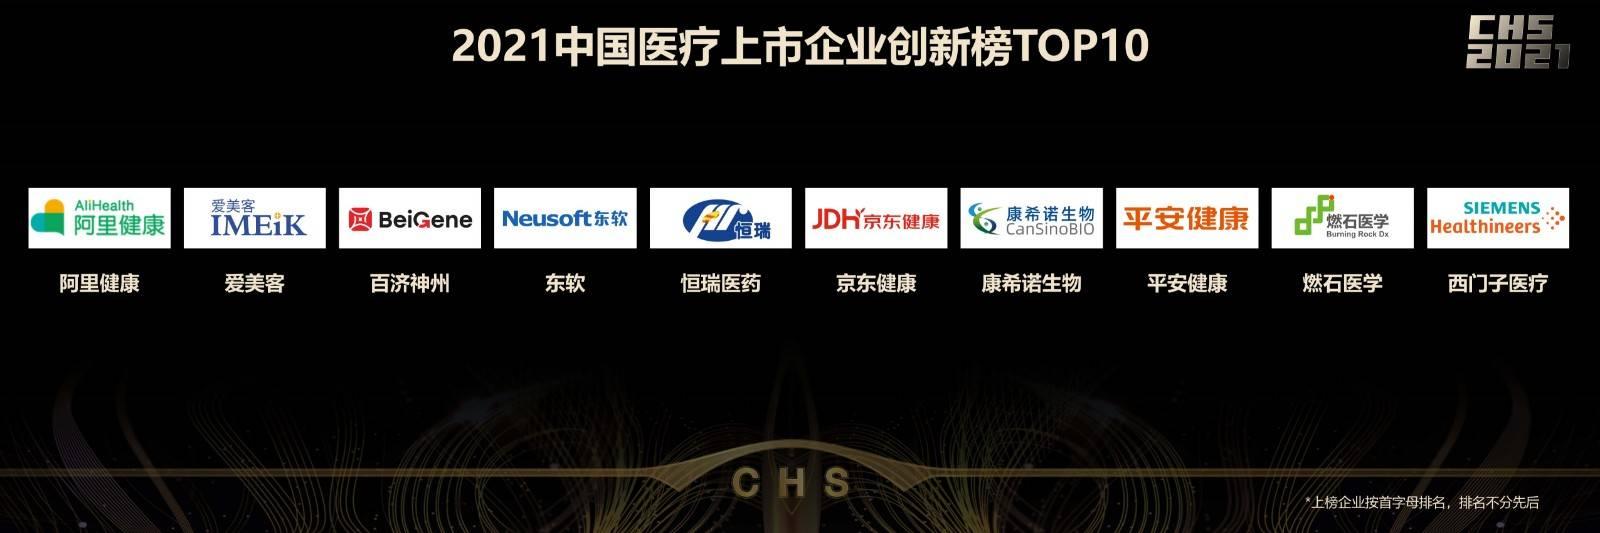 2021中国医疗上市企业创新榜TOP10